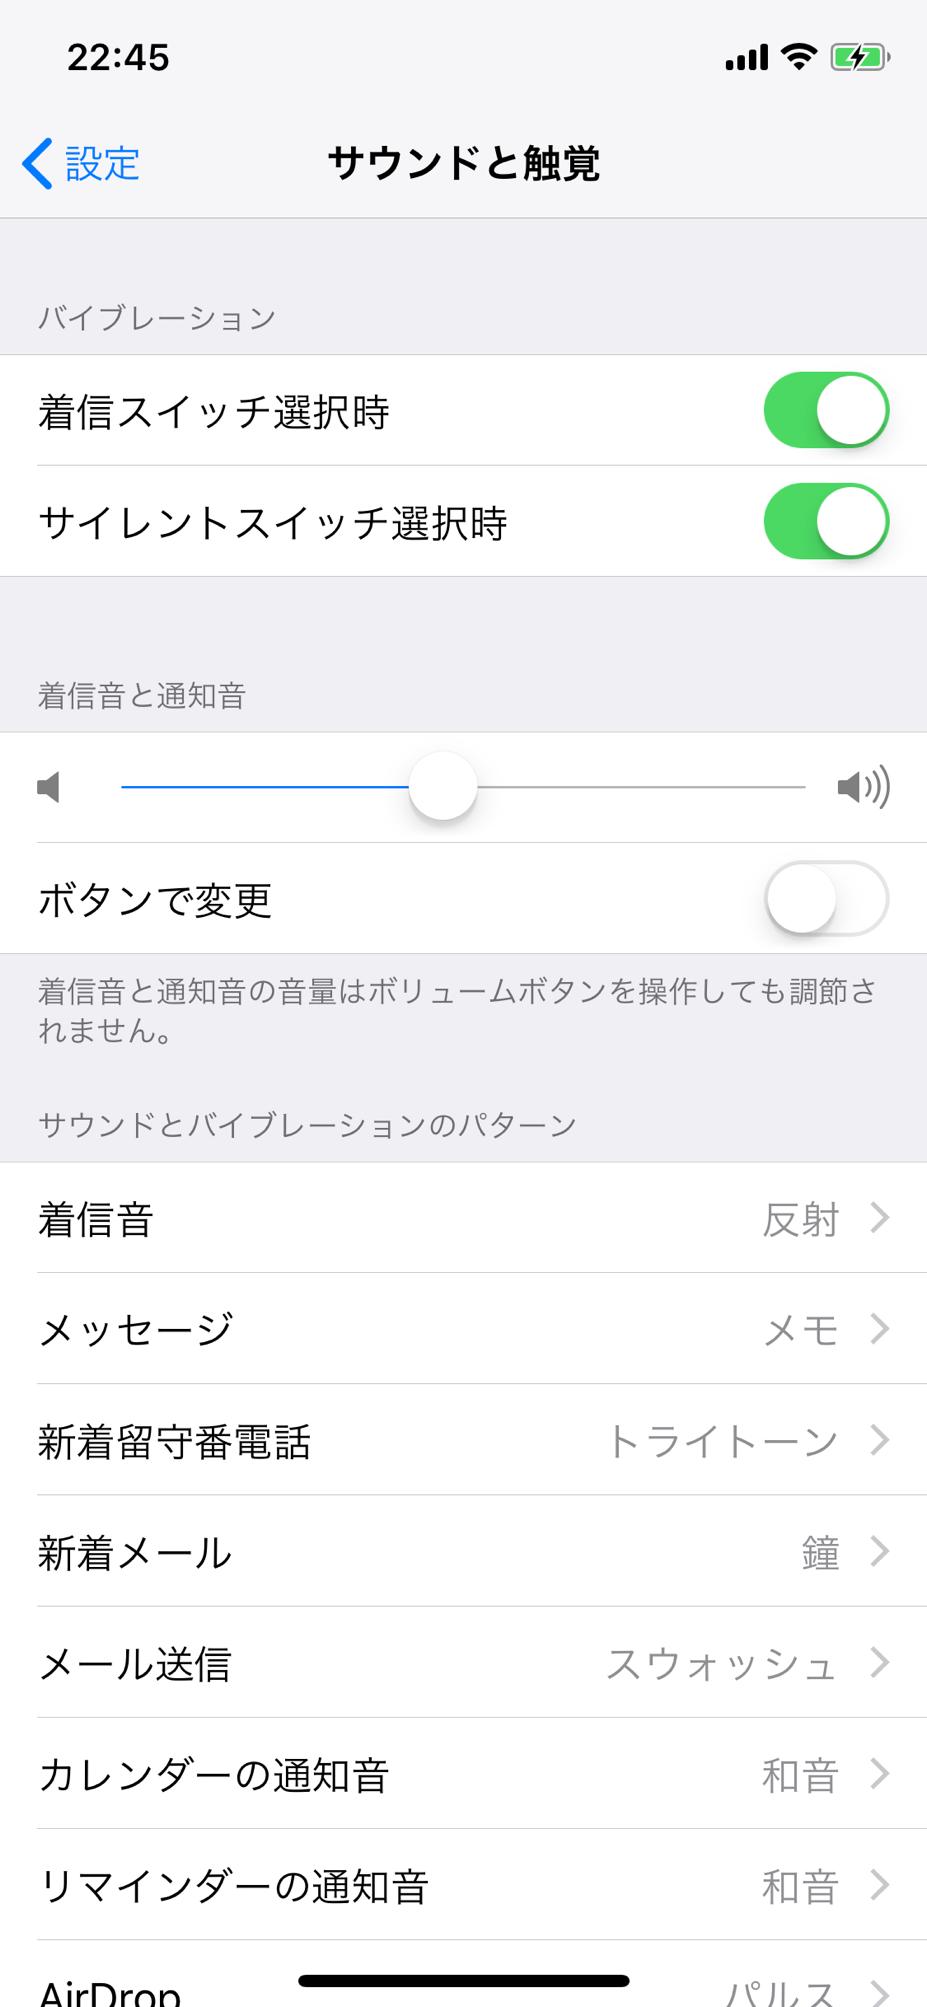 iPhoneで動画の音が出ない時の対処法 -3